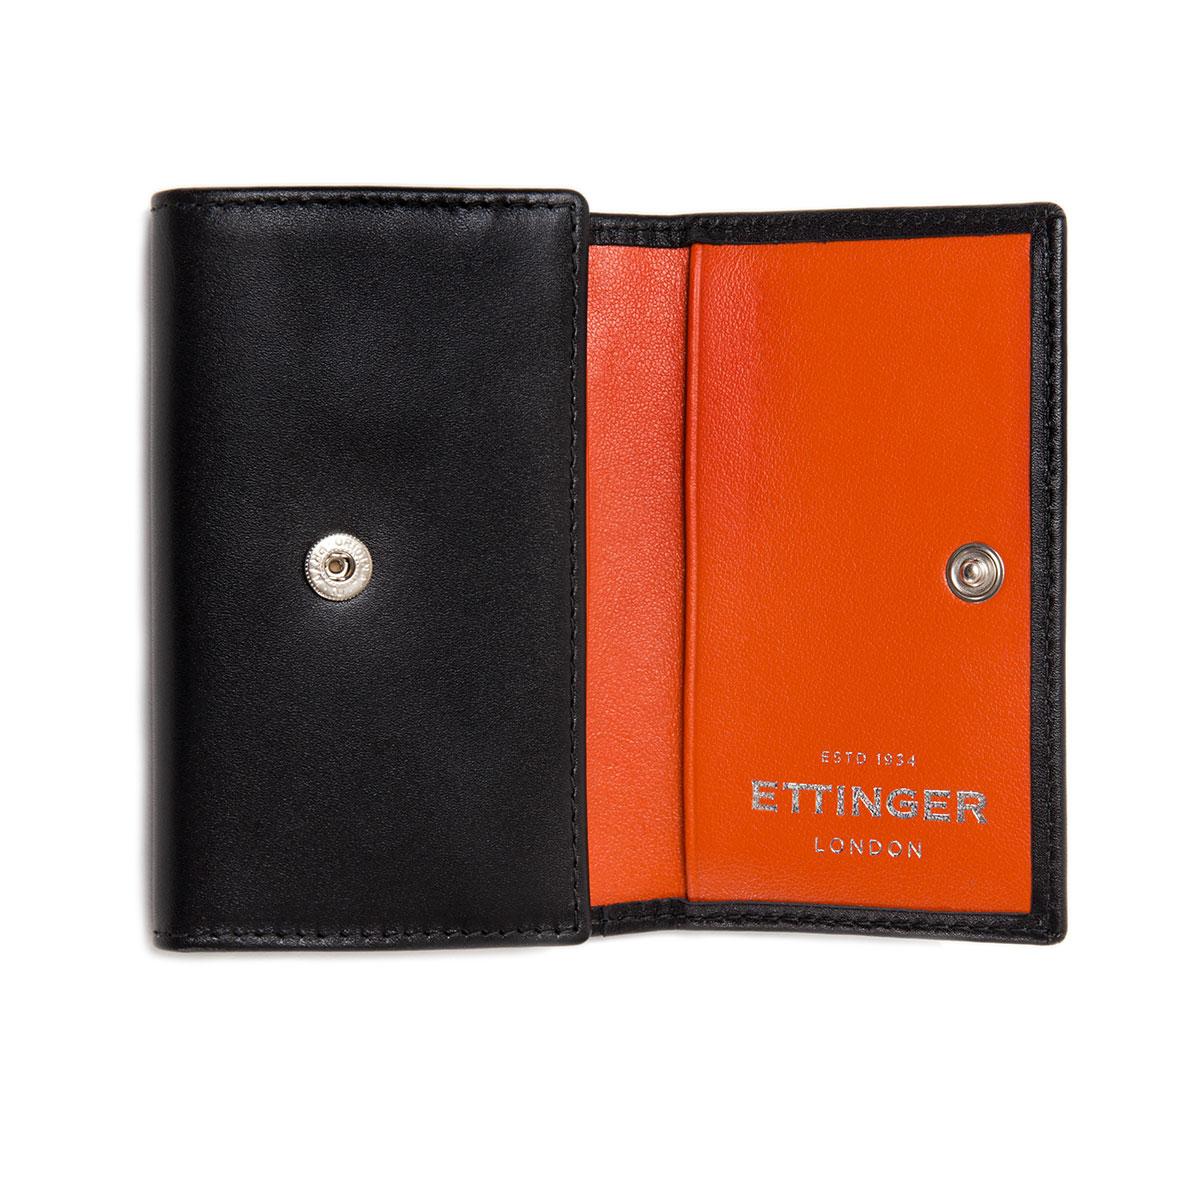 ETTINGER Sterling 6-Hook Key Case